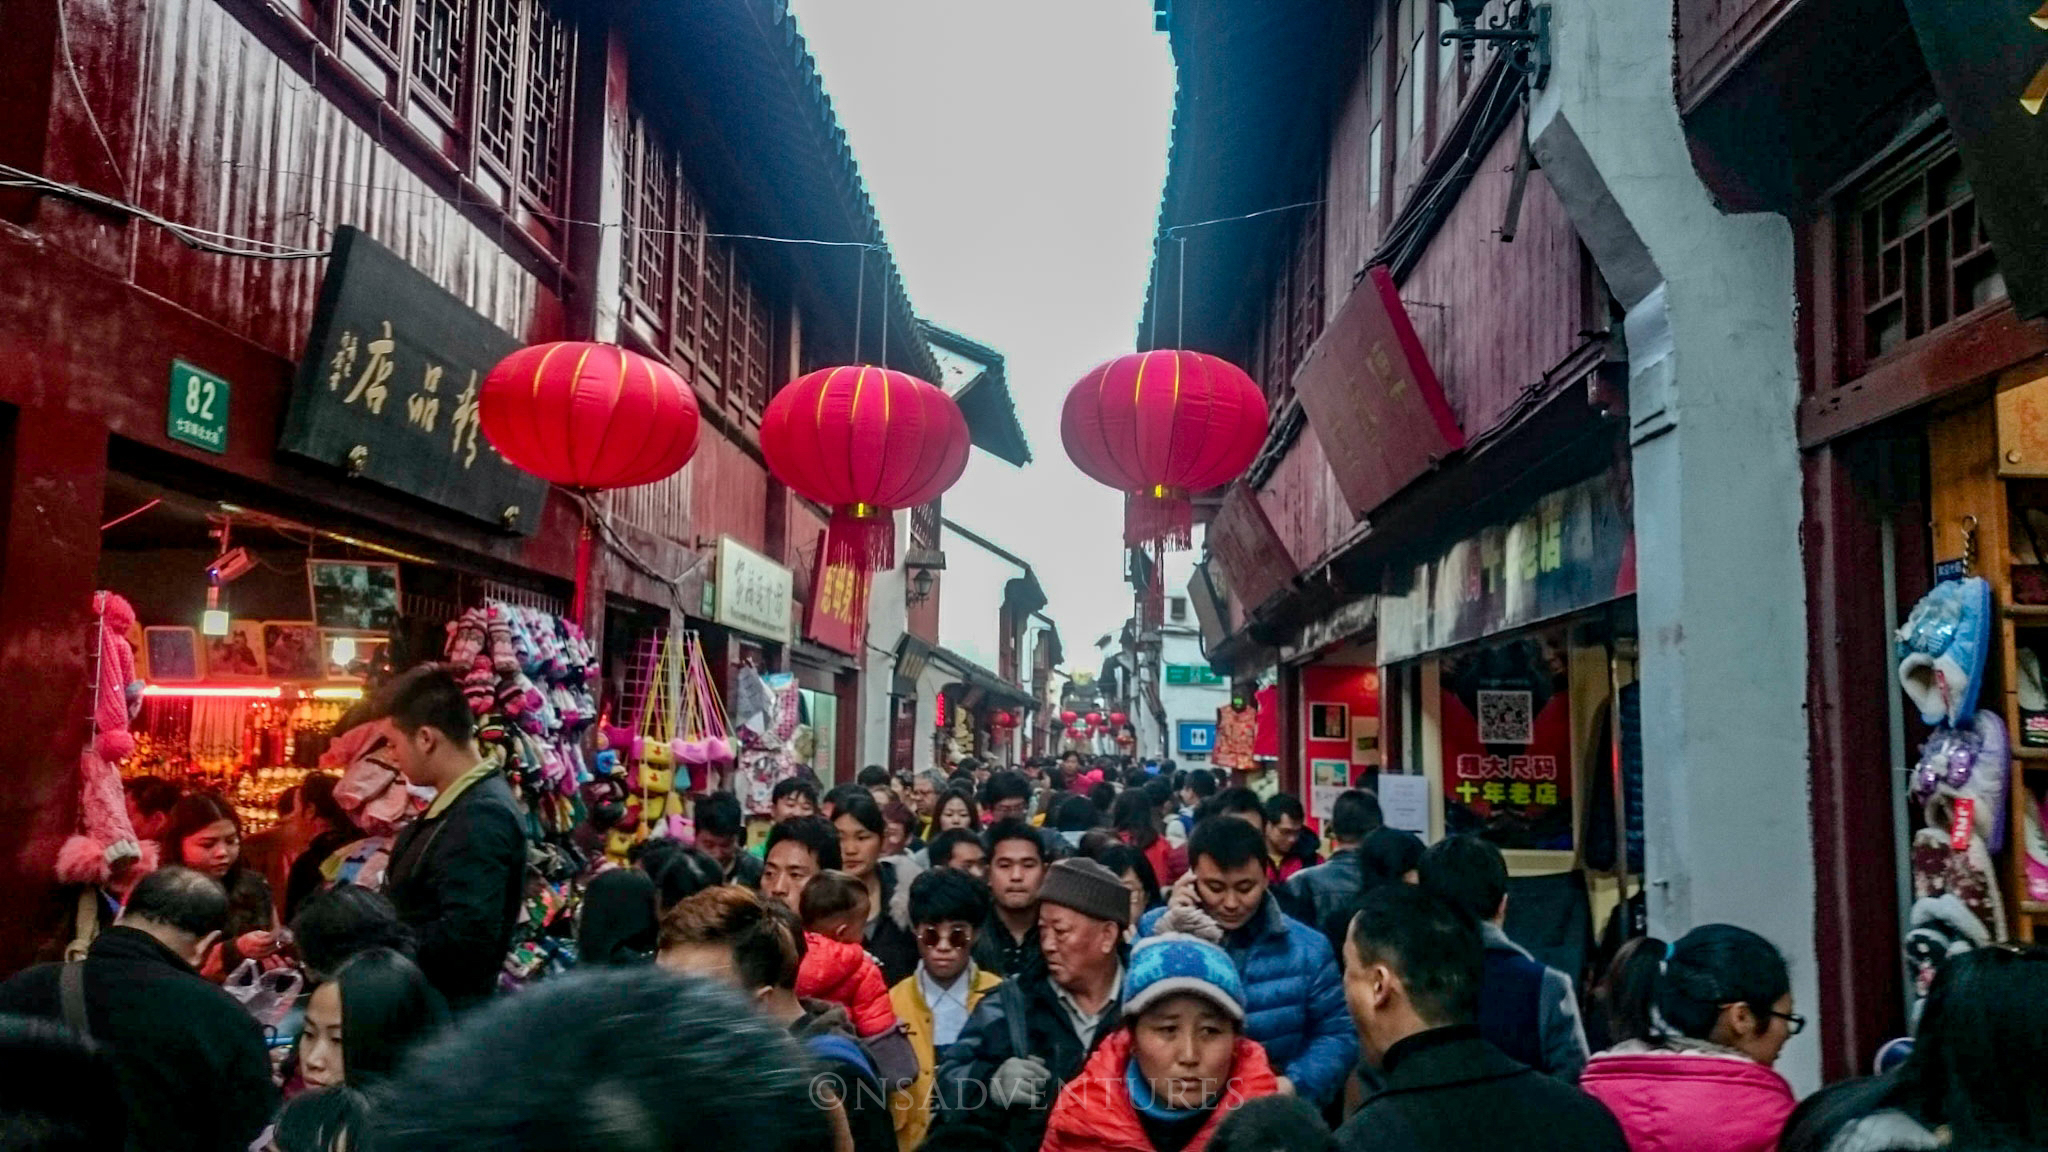 VPN Cina, come pubblicare foto dalla CIna